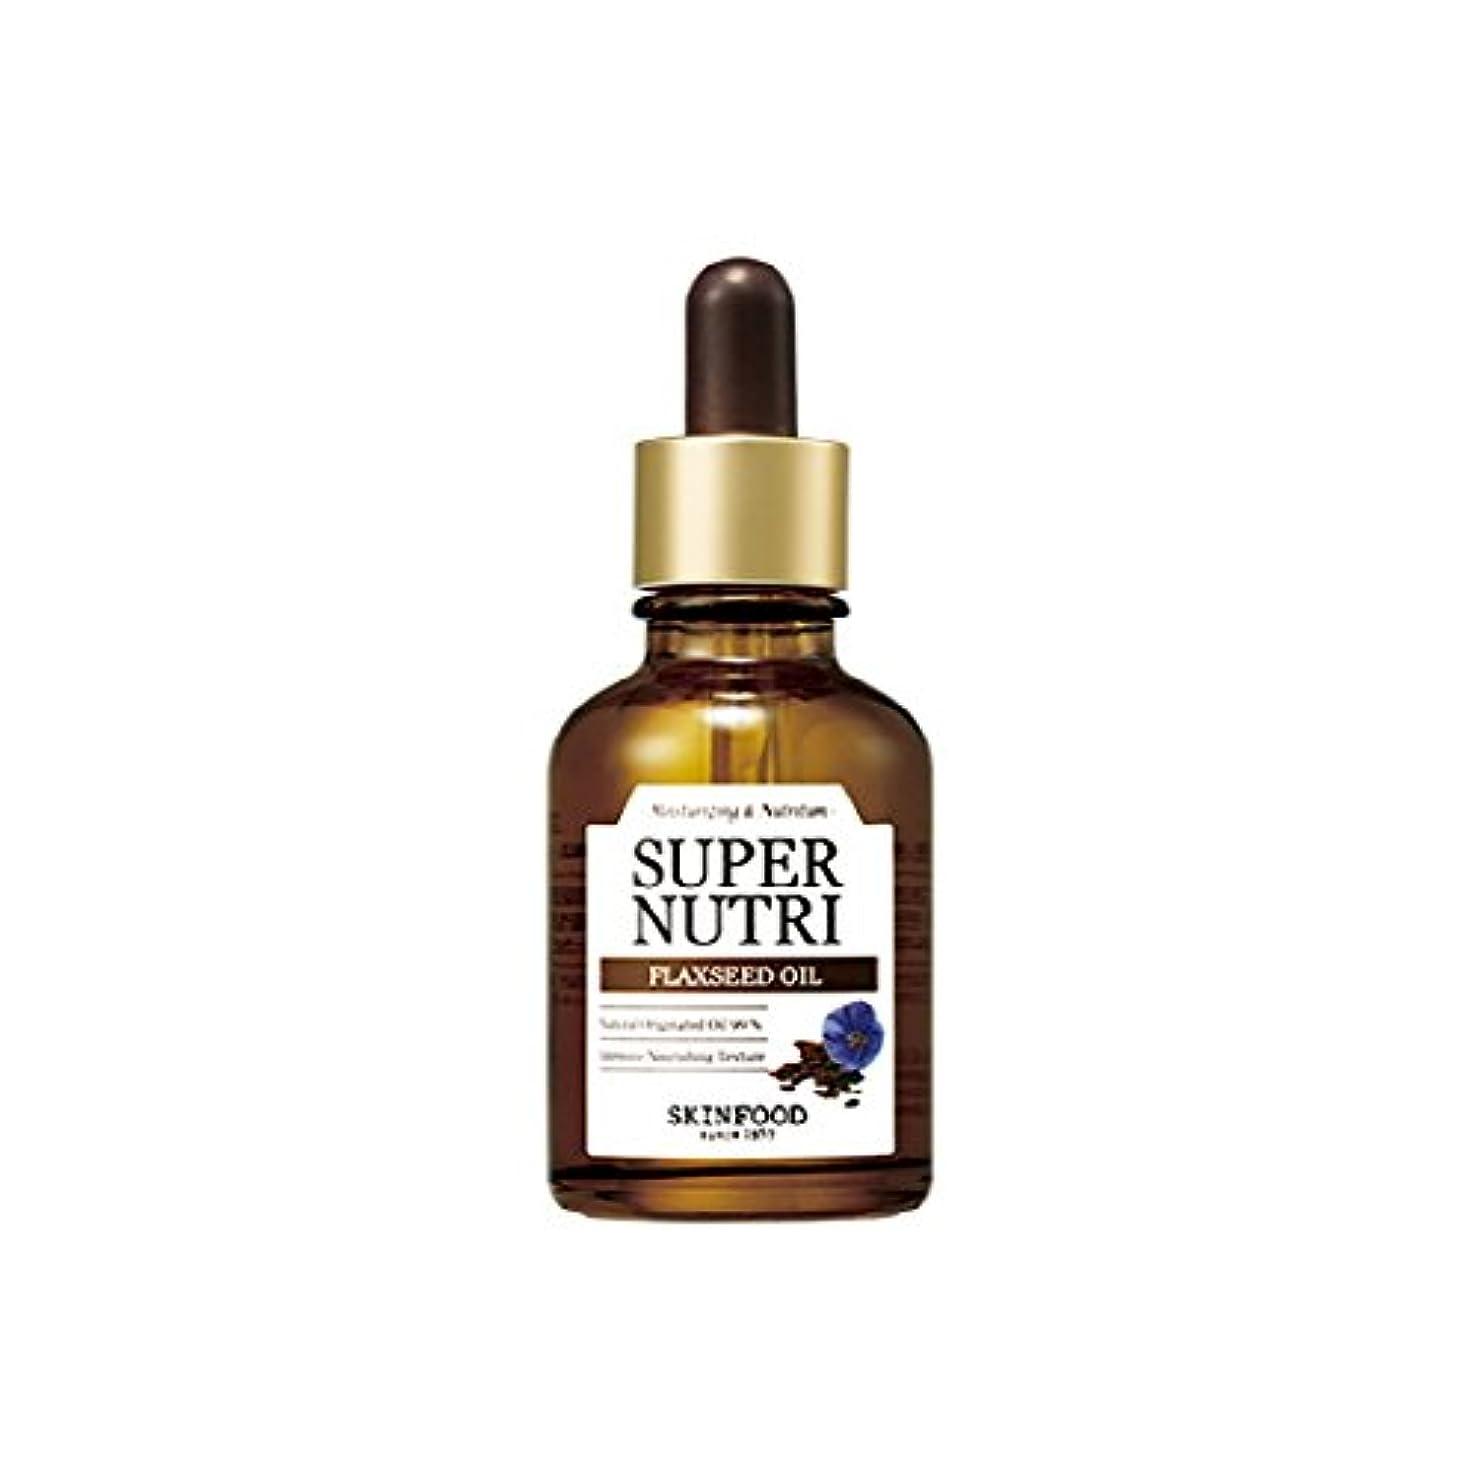 ハンディ近くギャング[New] SKINFOOD Super Nutri Flaxseed Oil 30ml/スキンフード スーパー ニュートリ アマ シード オイル 30ml [並行輸入品]